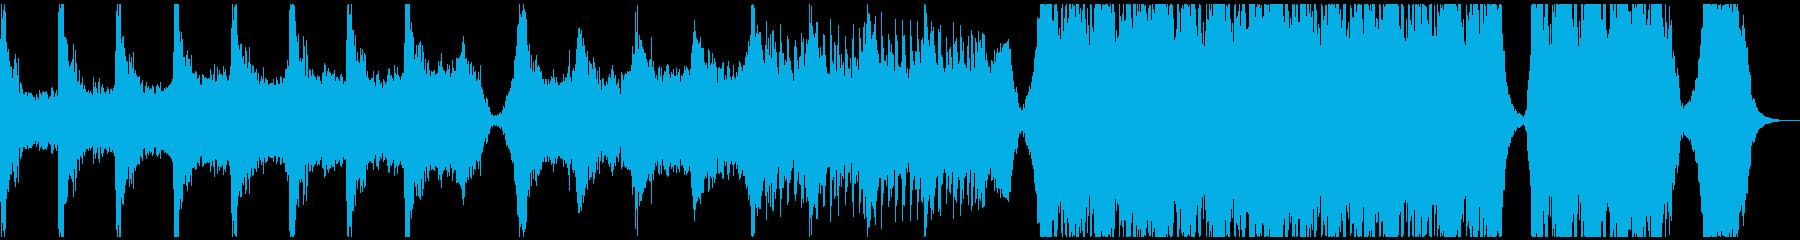 【予告編】映画・トレーラーの再生済みの波形